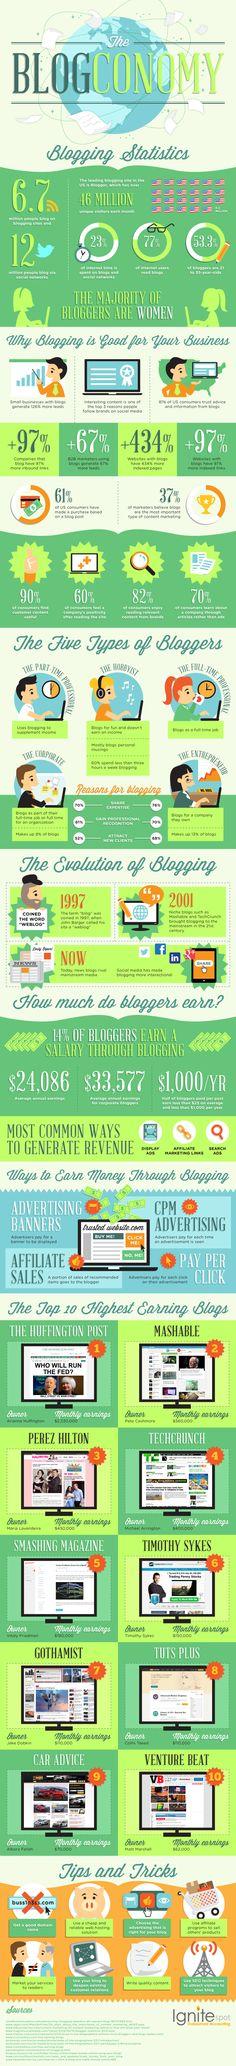 L'importanza del #Blog nelle strategie di web marketing: alcuni consigli utili per una gestione professionale #blogtips #blogging